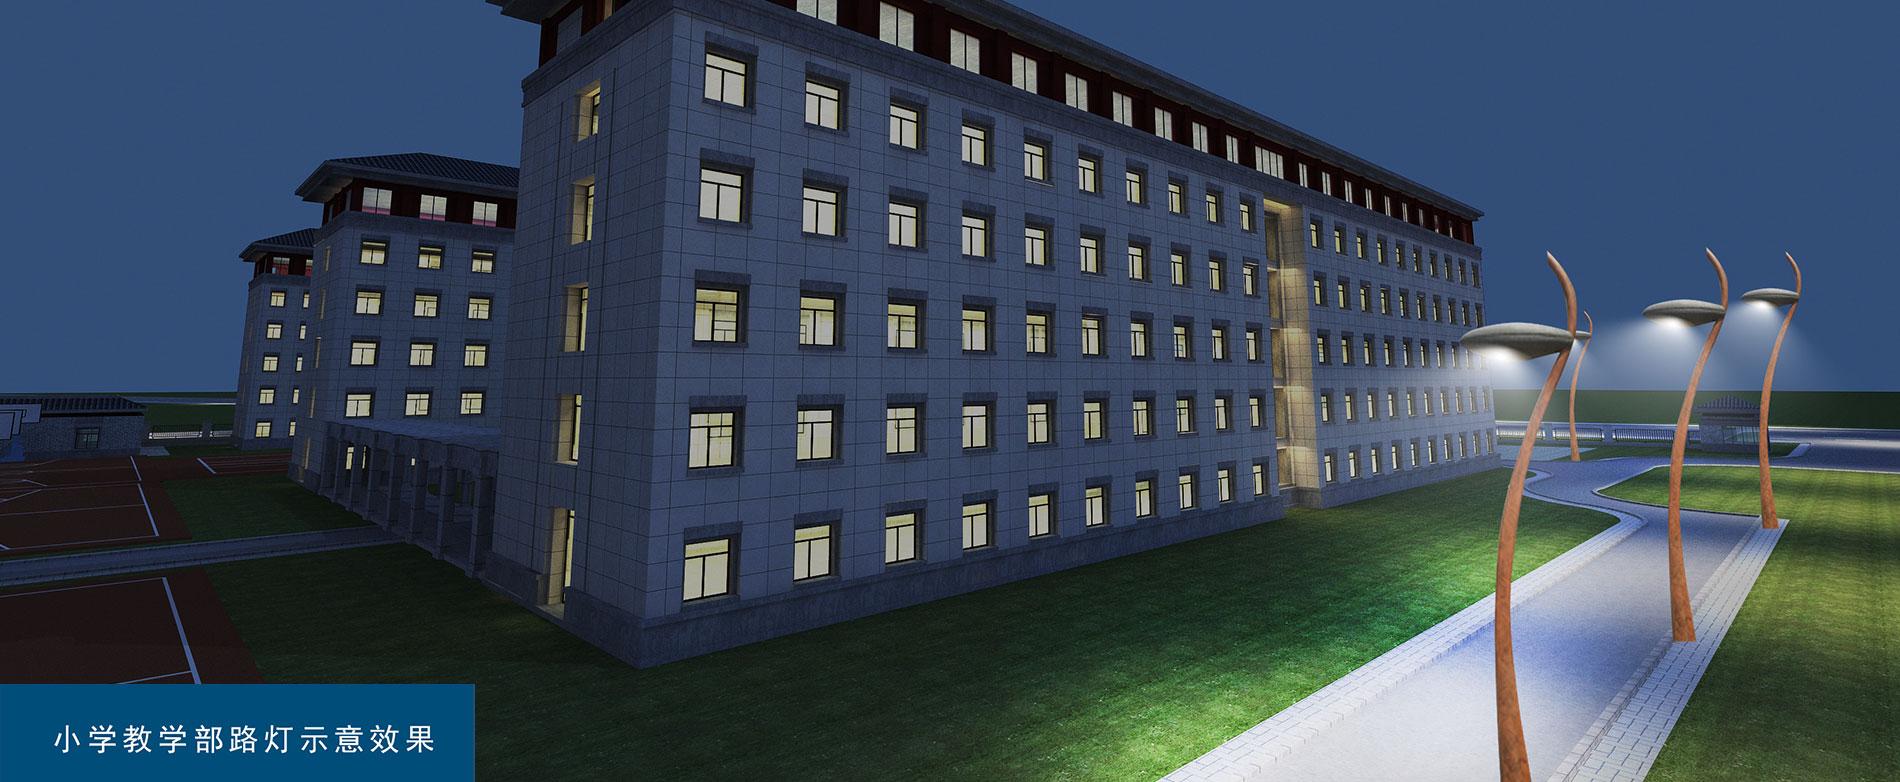 林州世纪学校